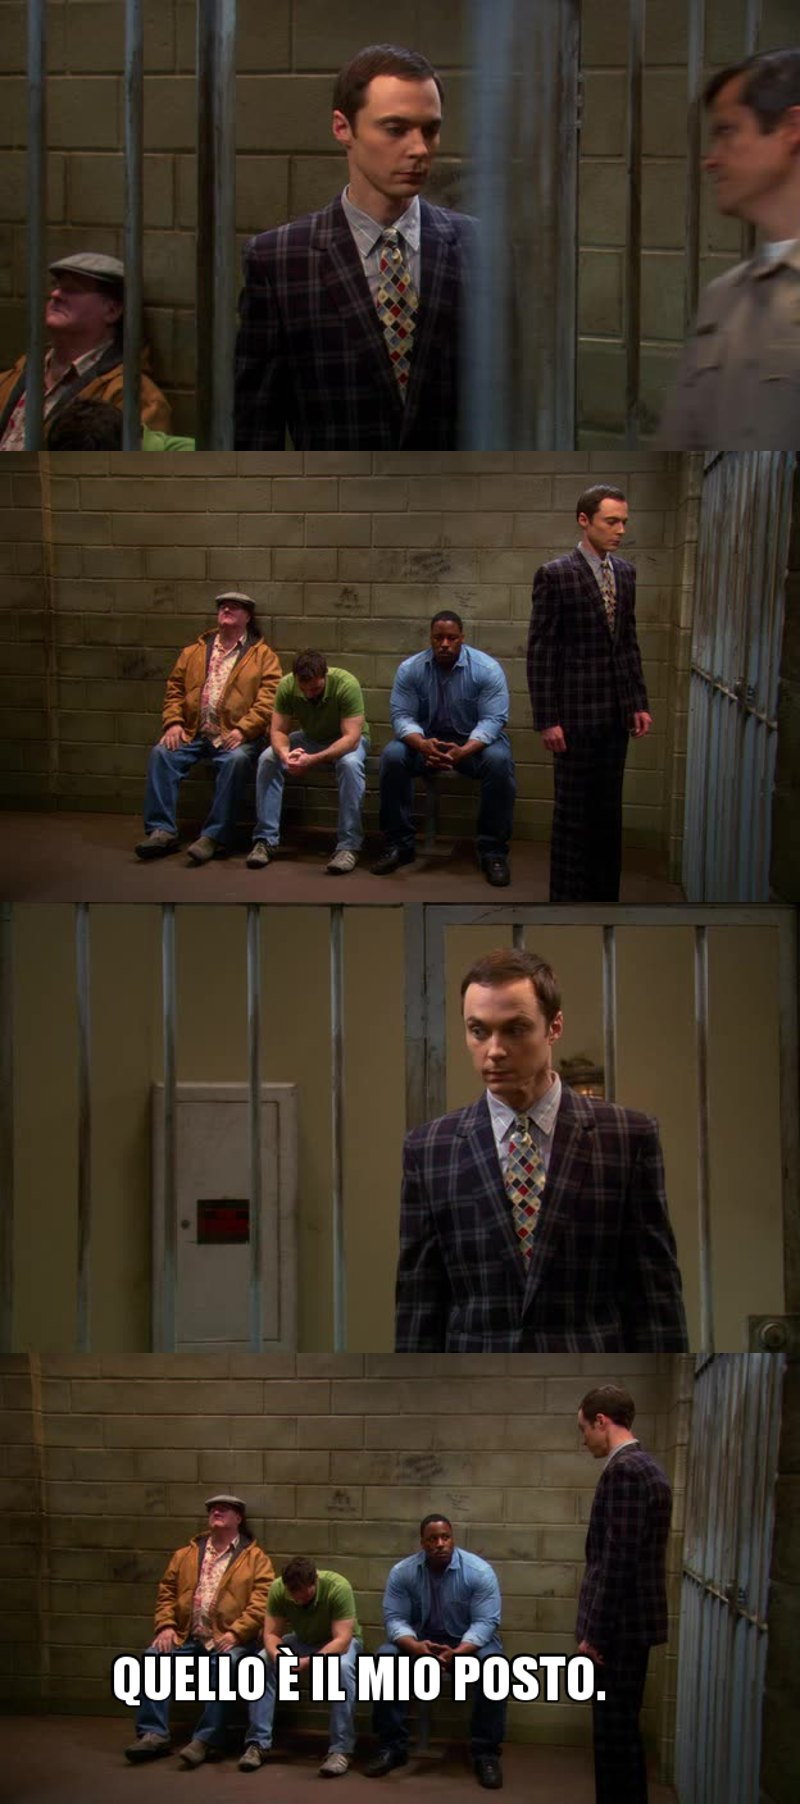 Anche in una cella Sheldon si fa riconoscere: